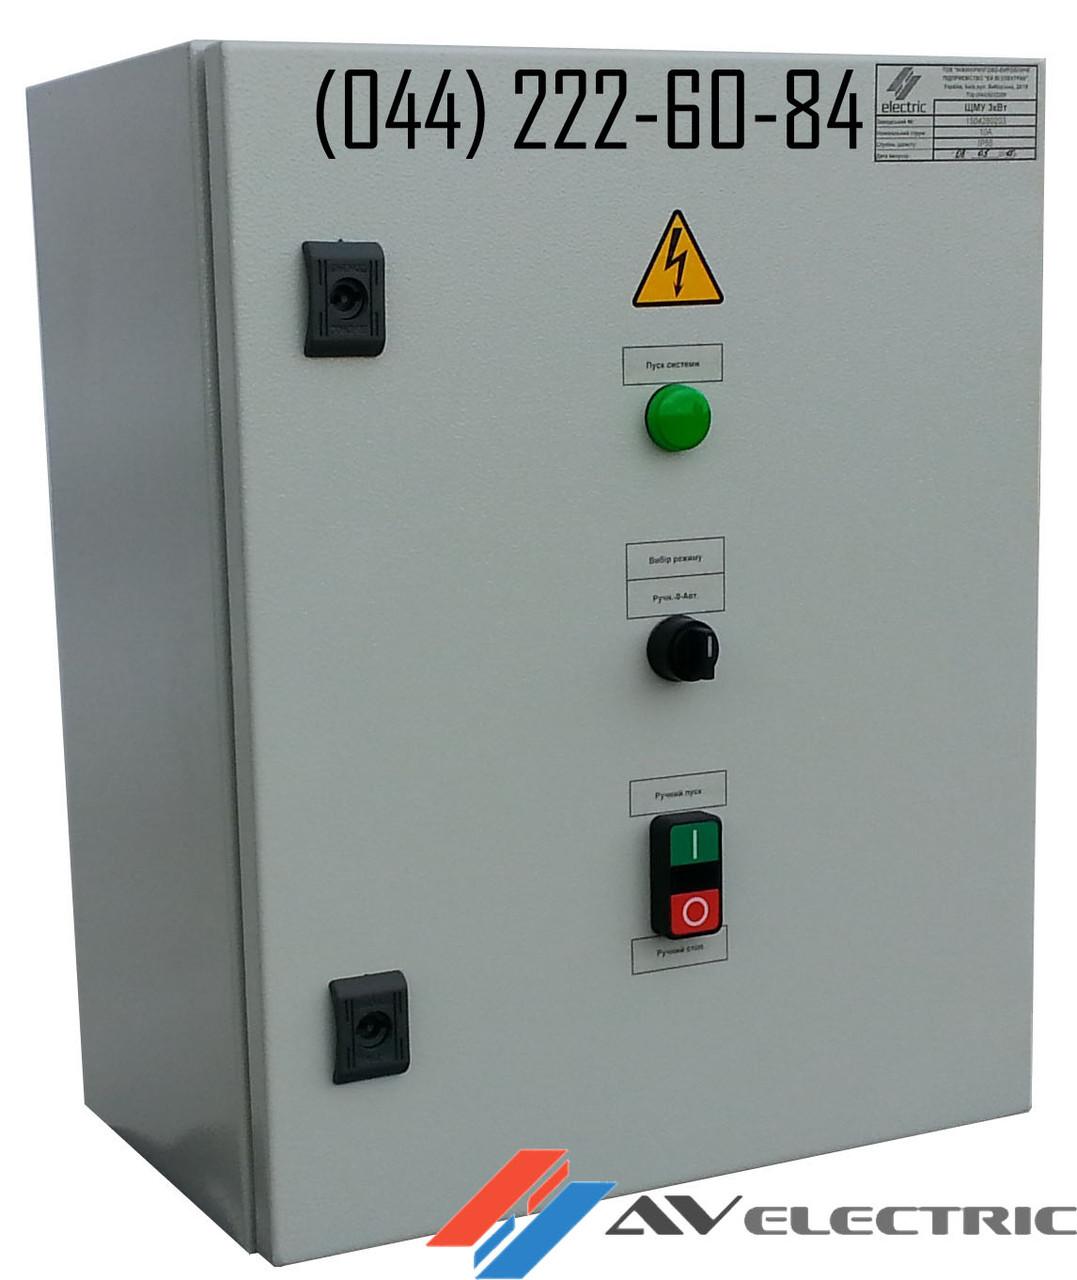 Ящик управления Я5110-3674 - КАП электро плюс в Киеве